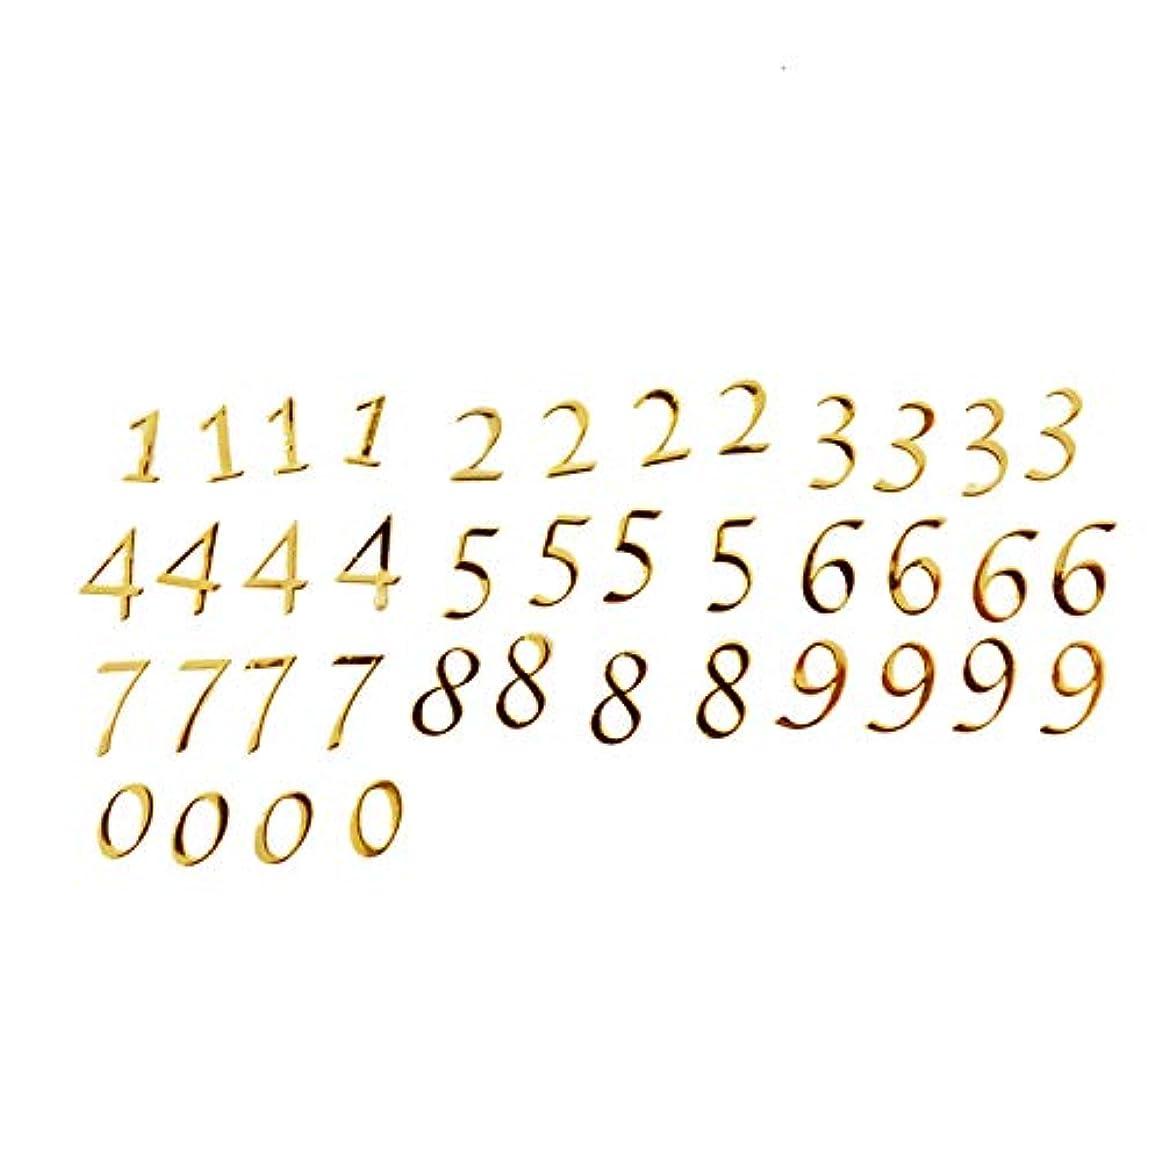 構築する堂々たる遊び場数字のメタルパーツ0から9まで4枚ずつ、合計40枚セット